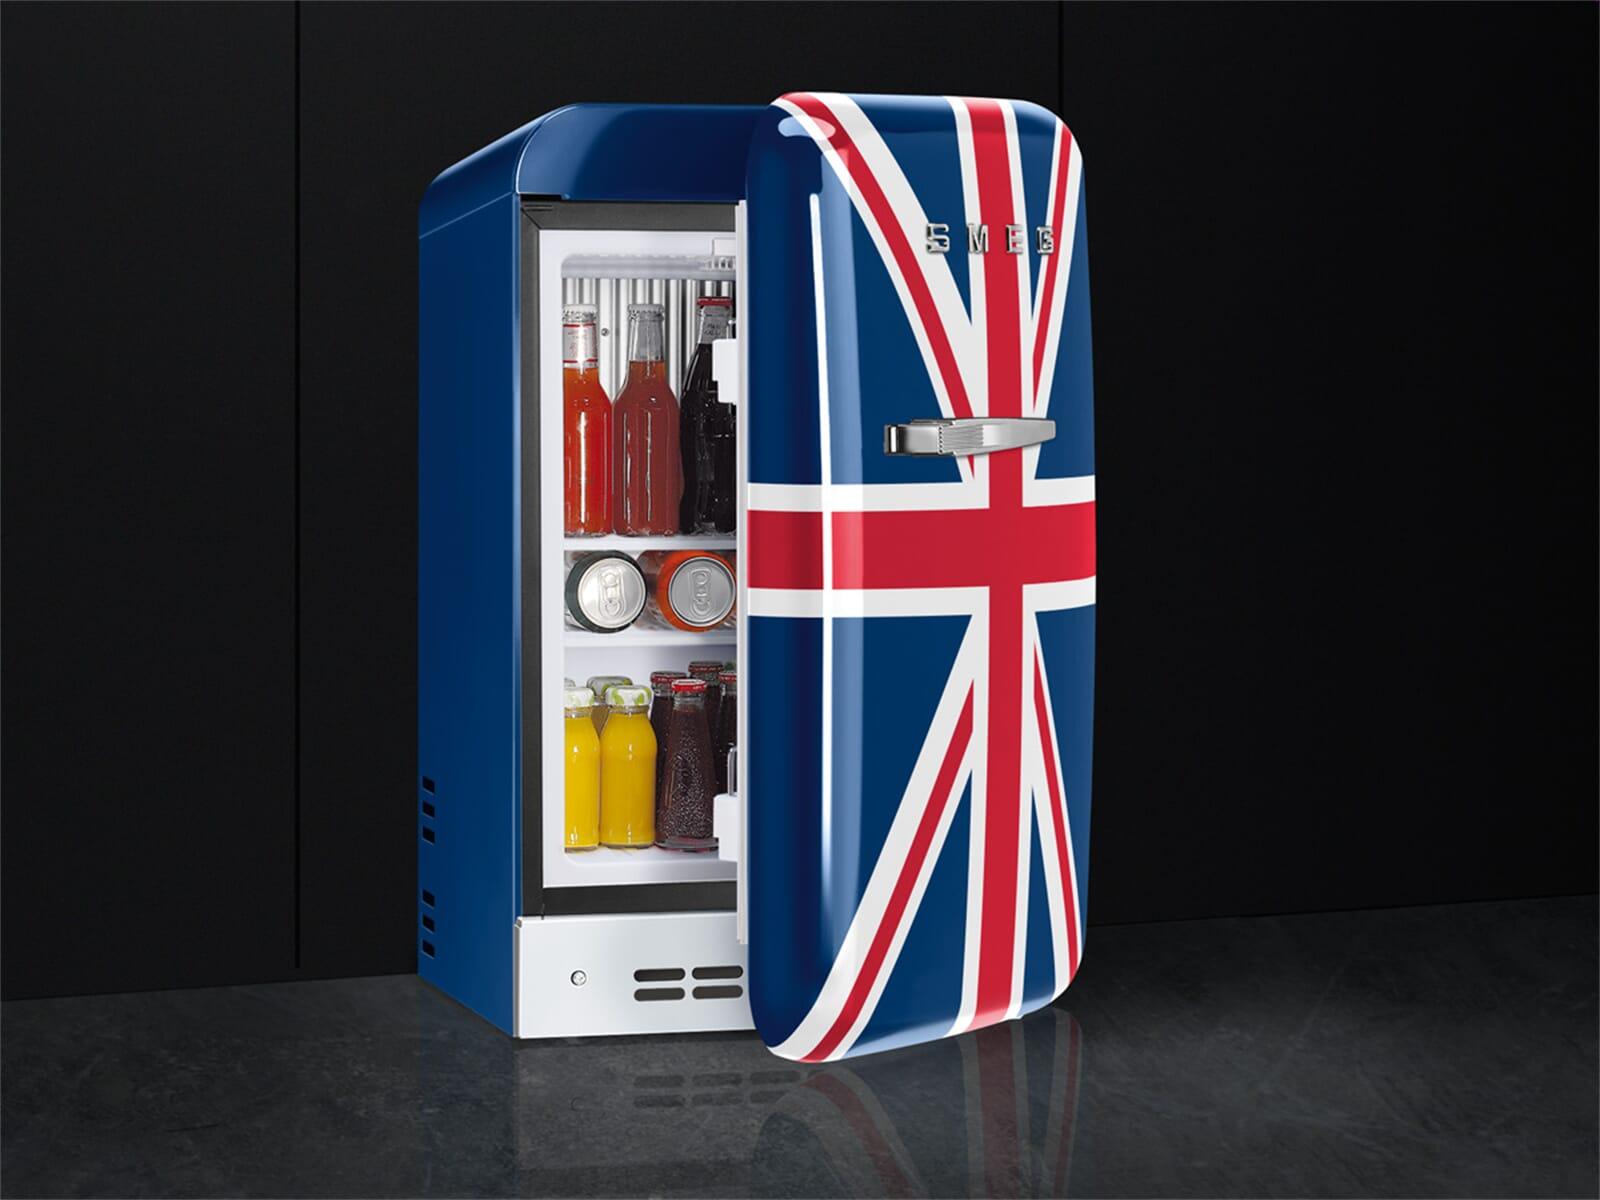 Smeg Kühlschrank Bayern : Retro kühlschrank union jack: smeg retro kühlschrank preisvergleich